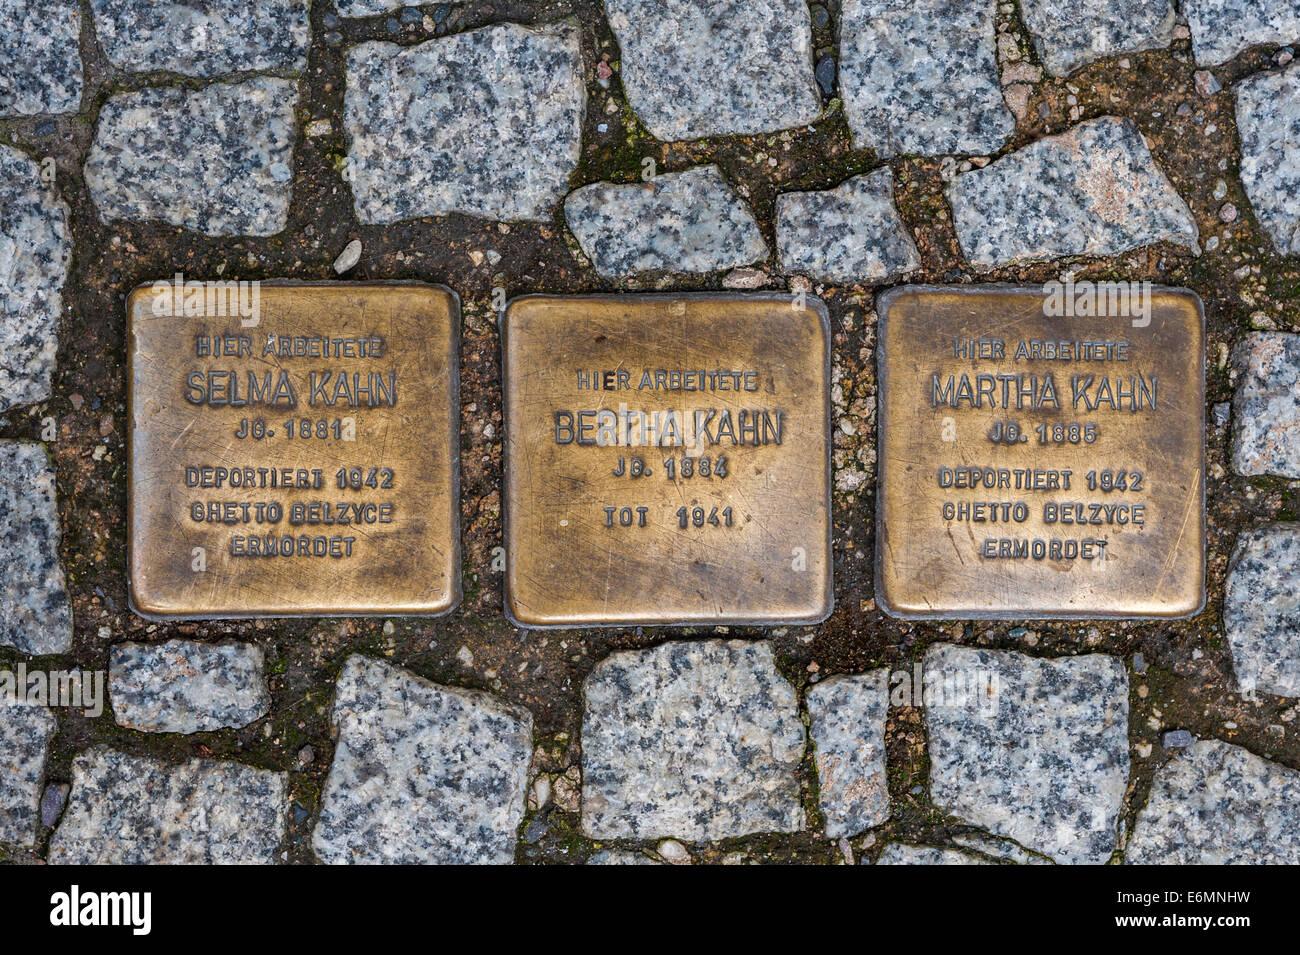 Stolperstein, escollos, en memoria de las víctimas de la dictadura en la Alemania nazi, por el artista Gunter Imagen De Stock